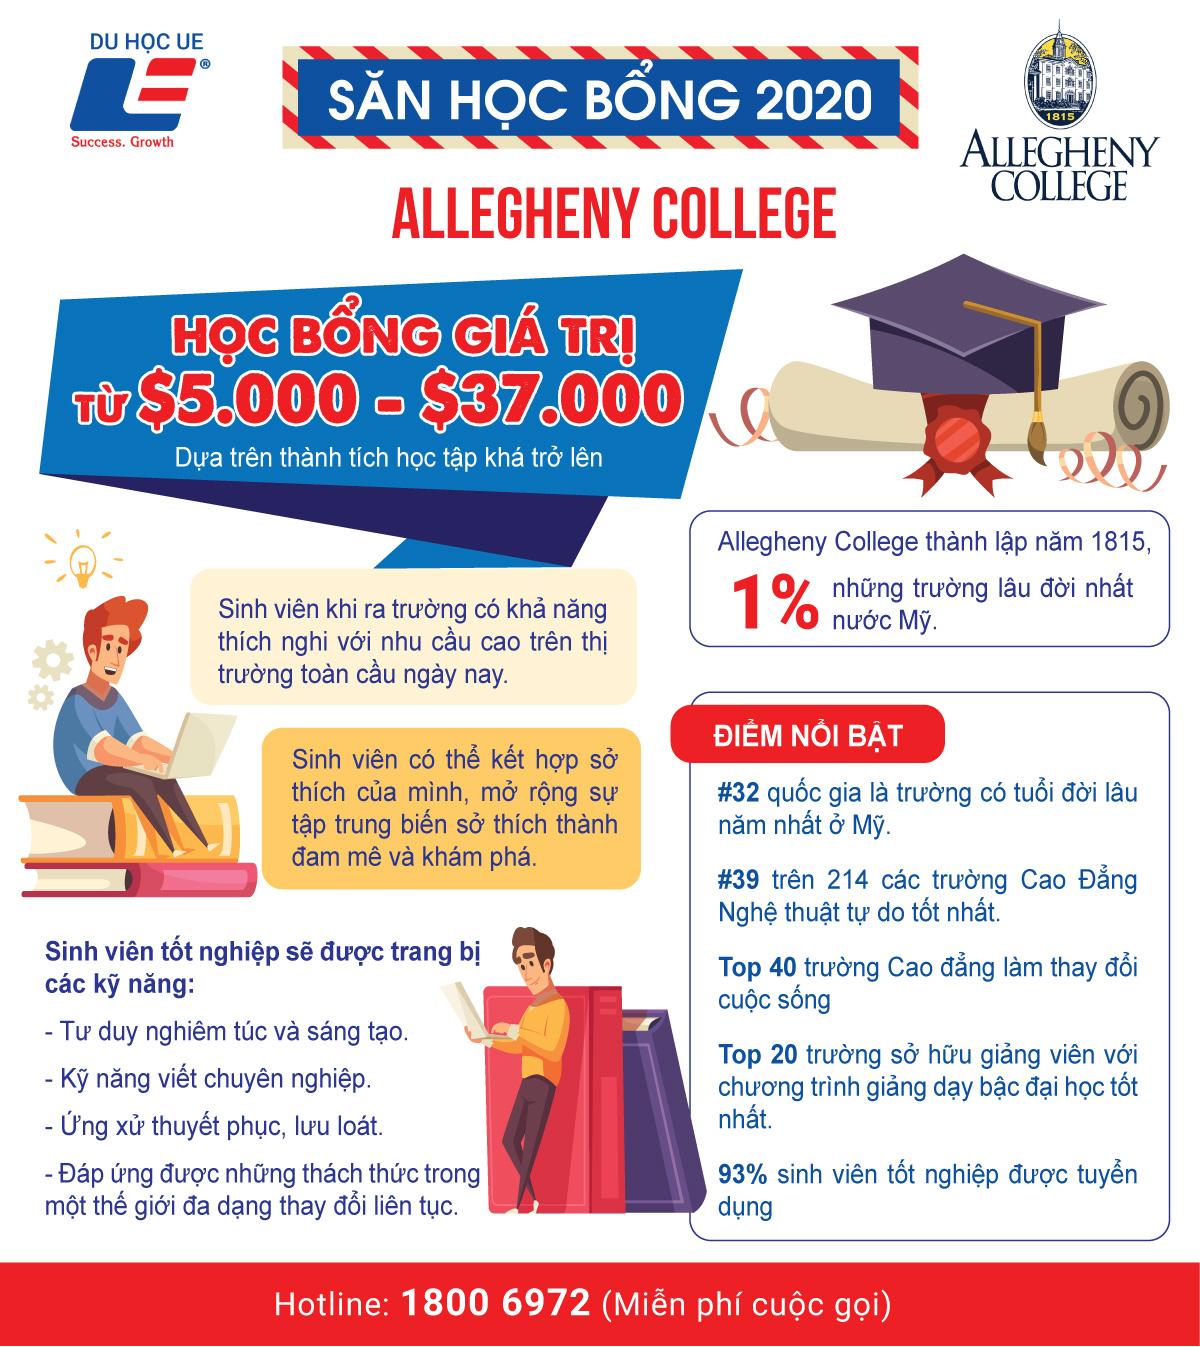 Cơ hội săn học bổng tại Allegheny College - Trường cao đẳng thuộc 1% những trường lâu đời nhất nước Mỹ